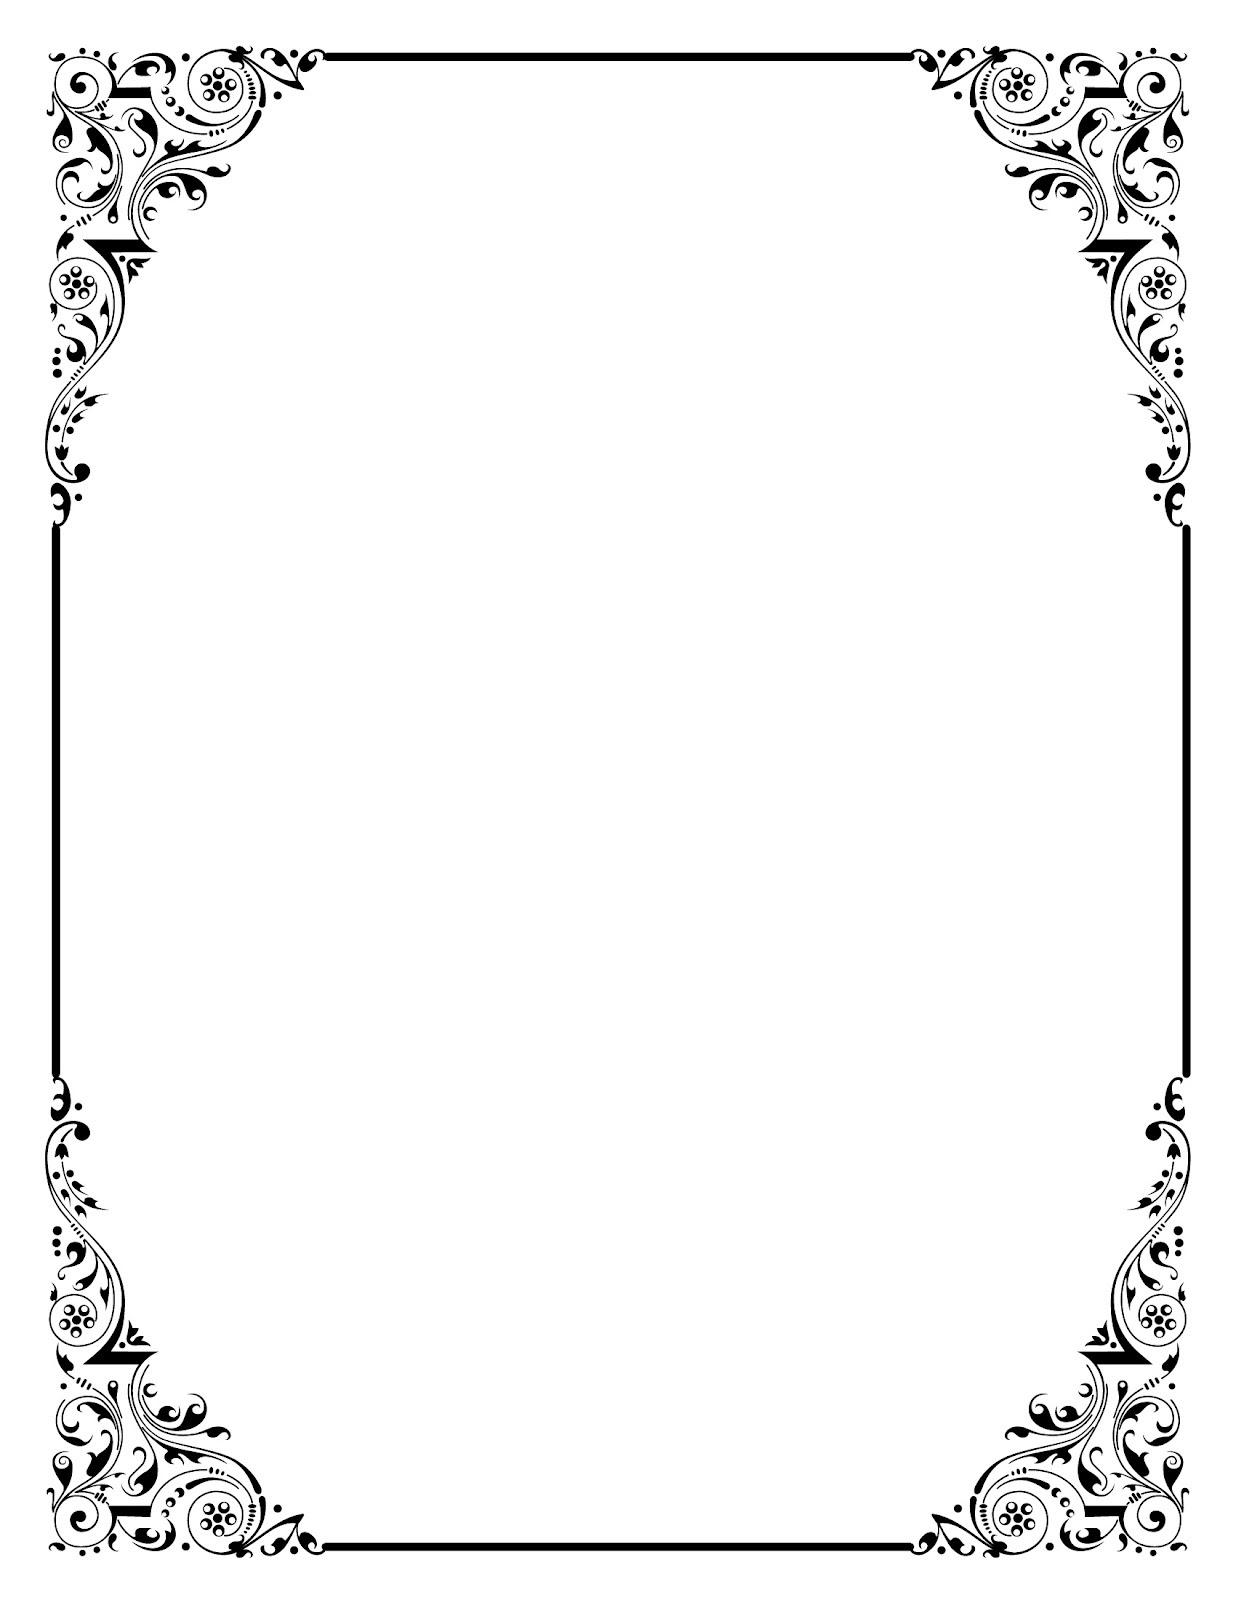 elegant invitation card border design png